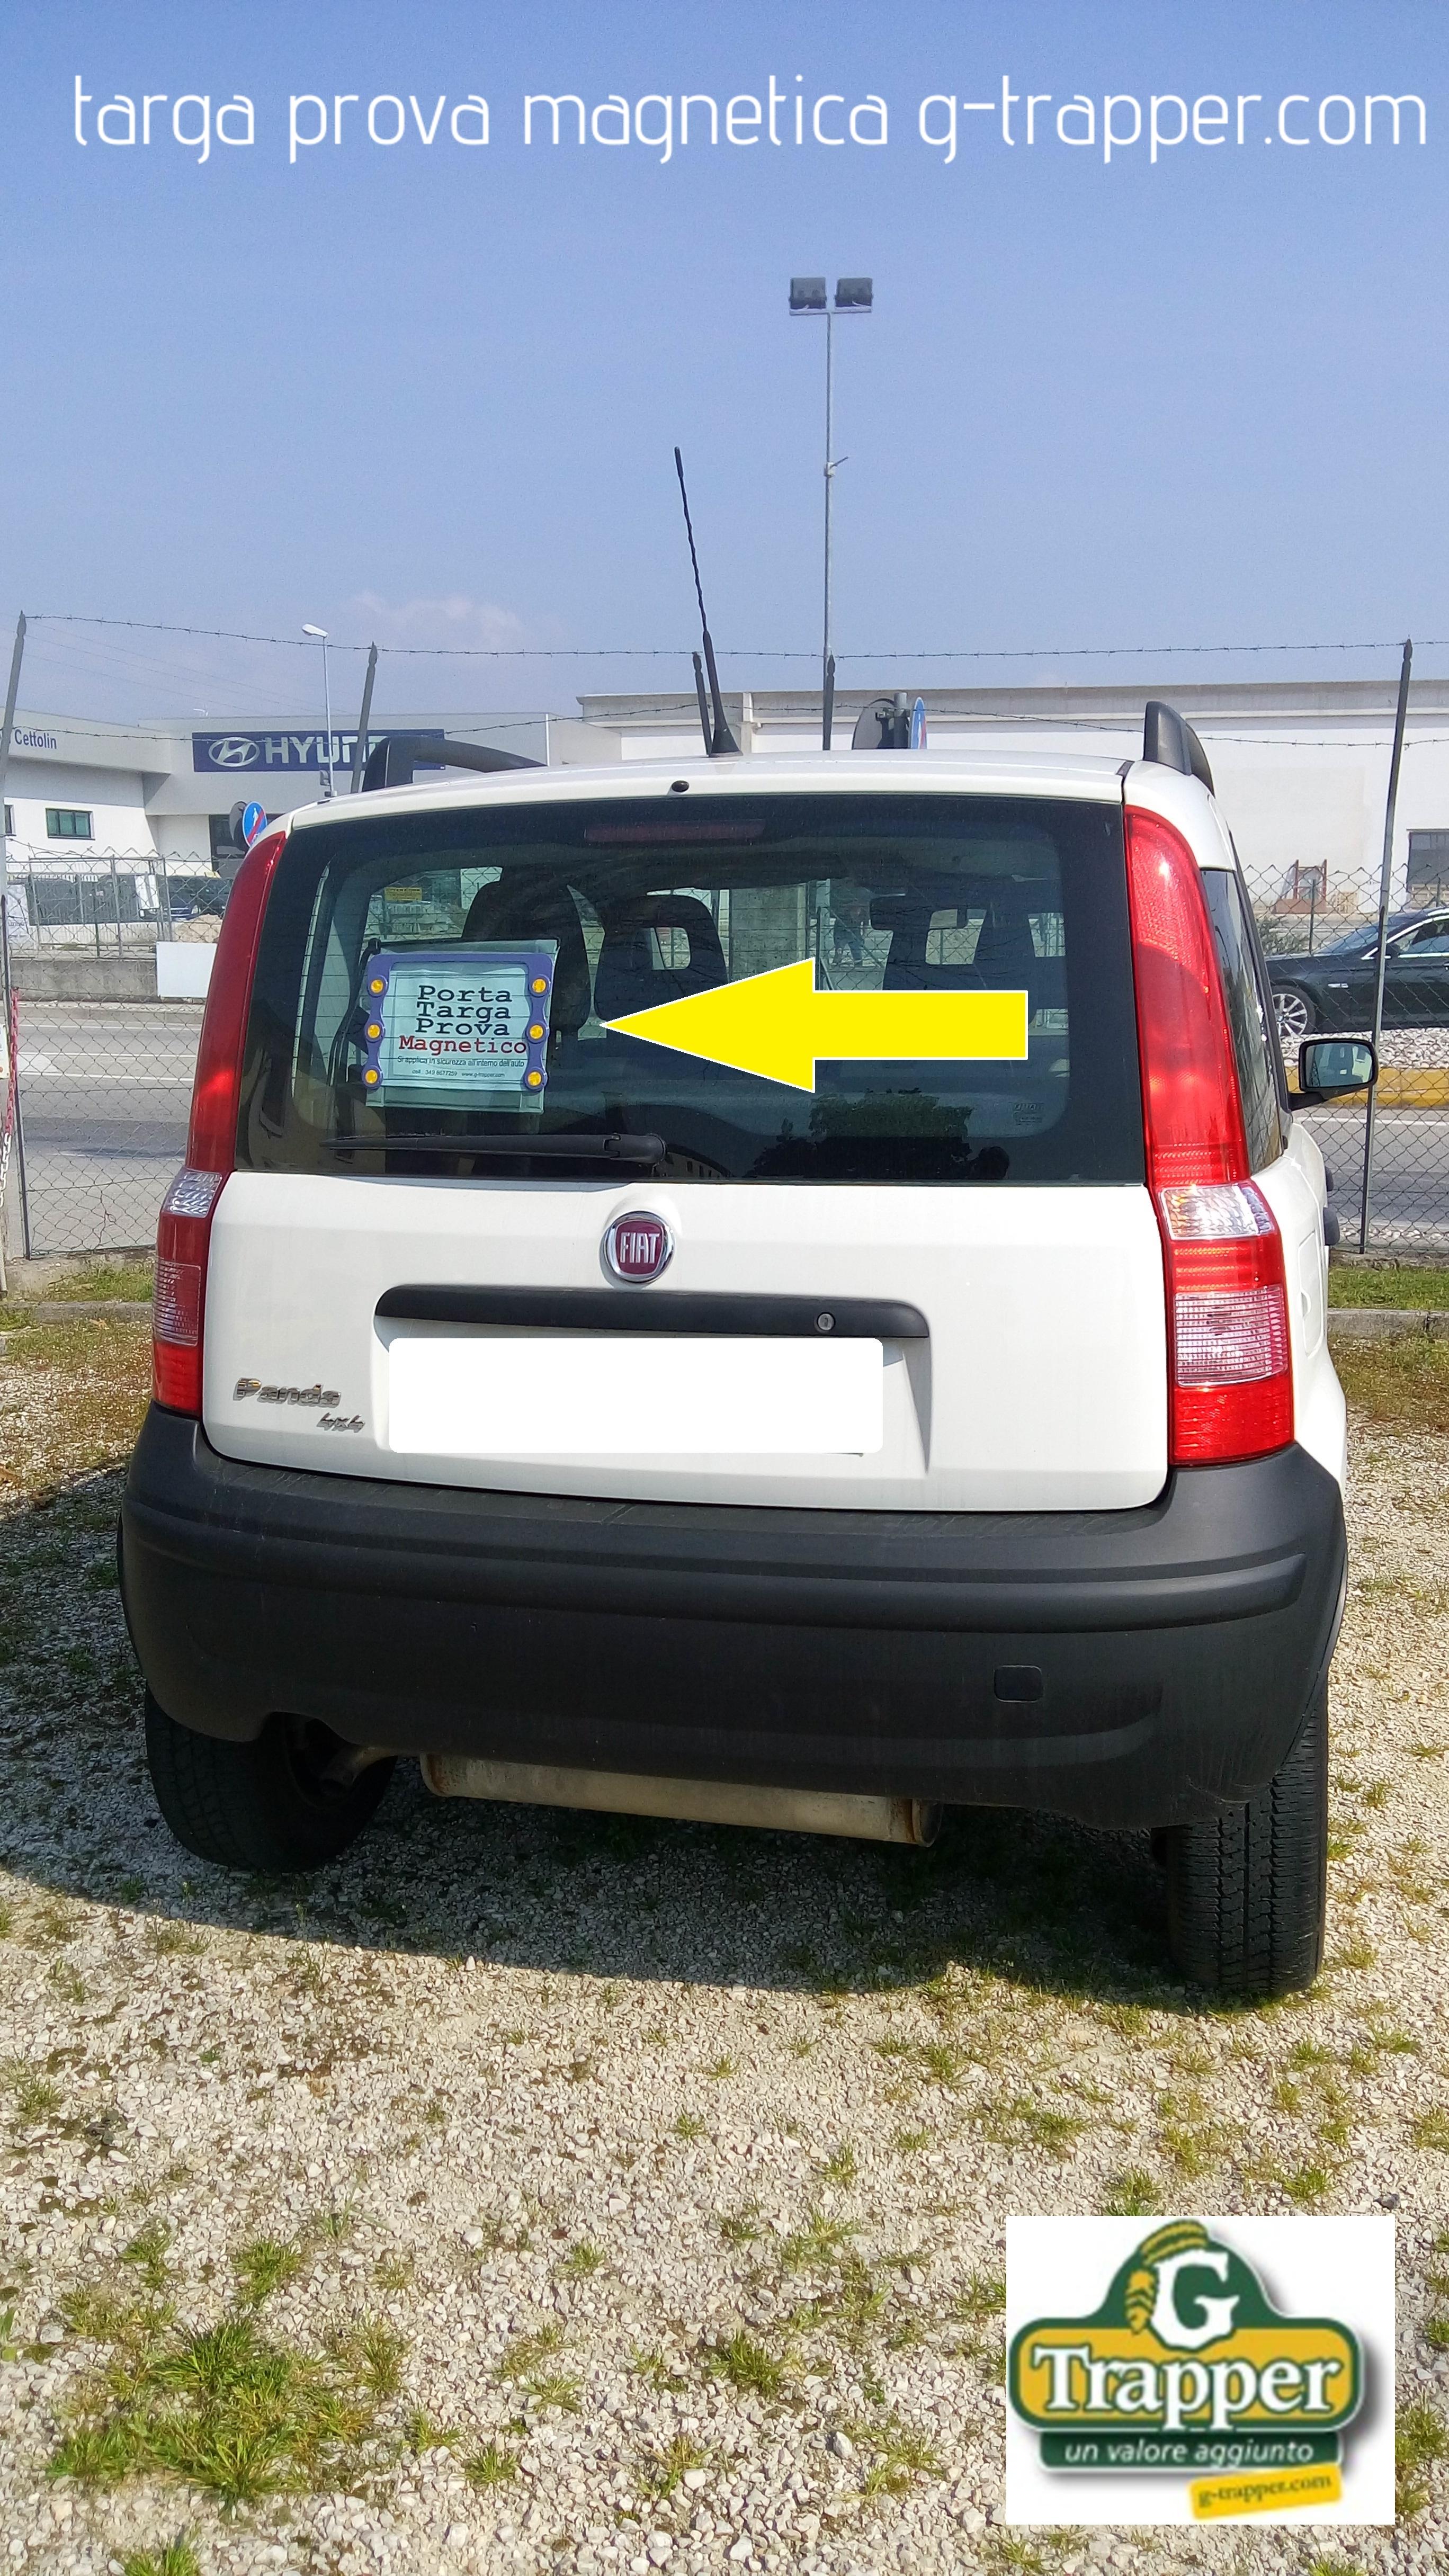 targa prova facilissima da usare, con il dispositivo magnetico di G-Trapper La targa prova calamitata g-trapper.com